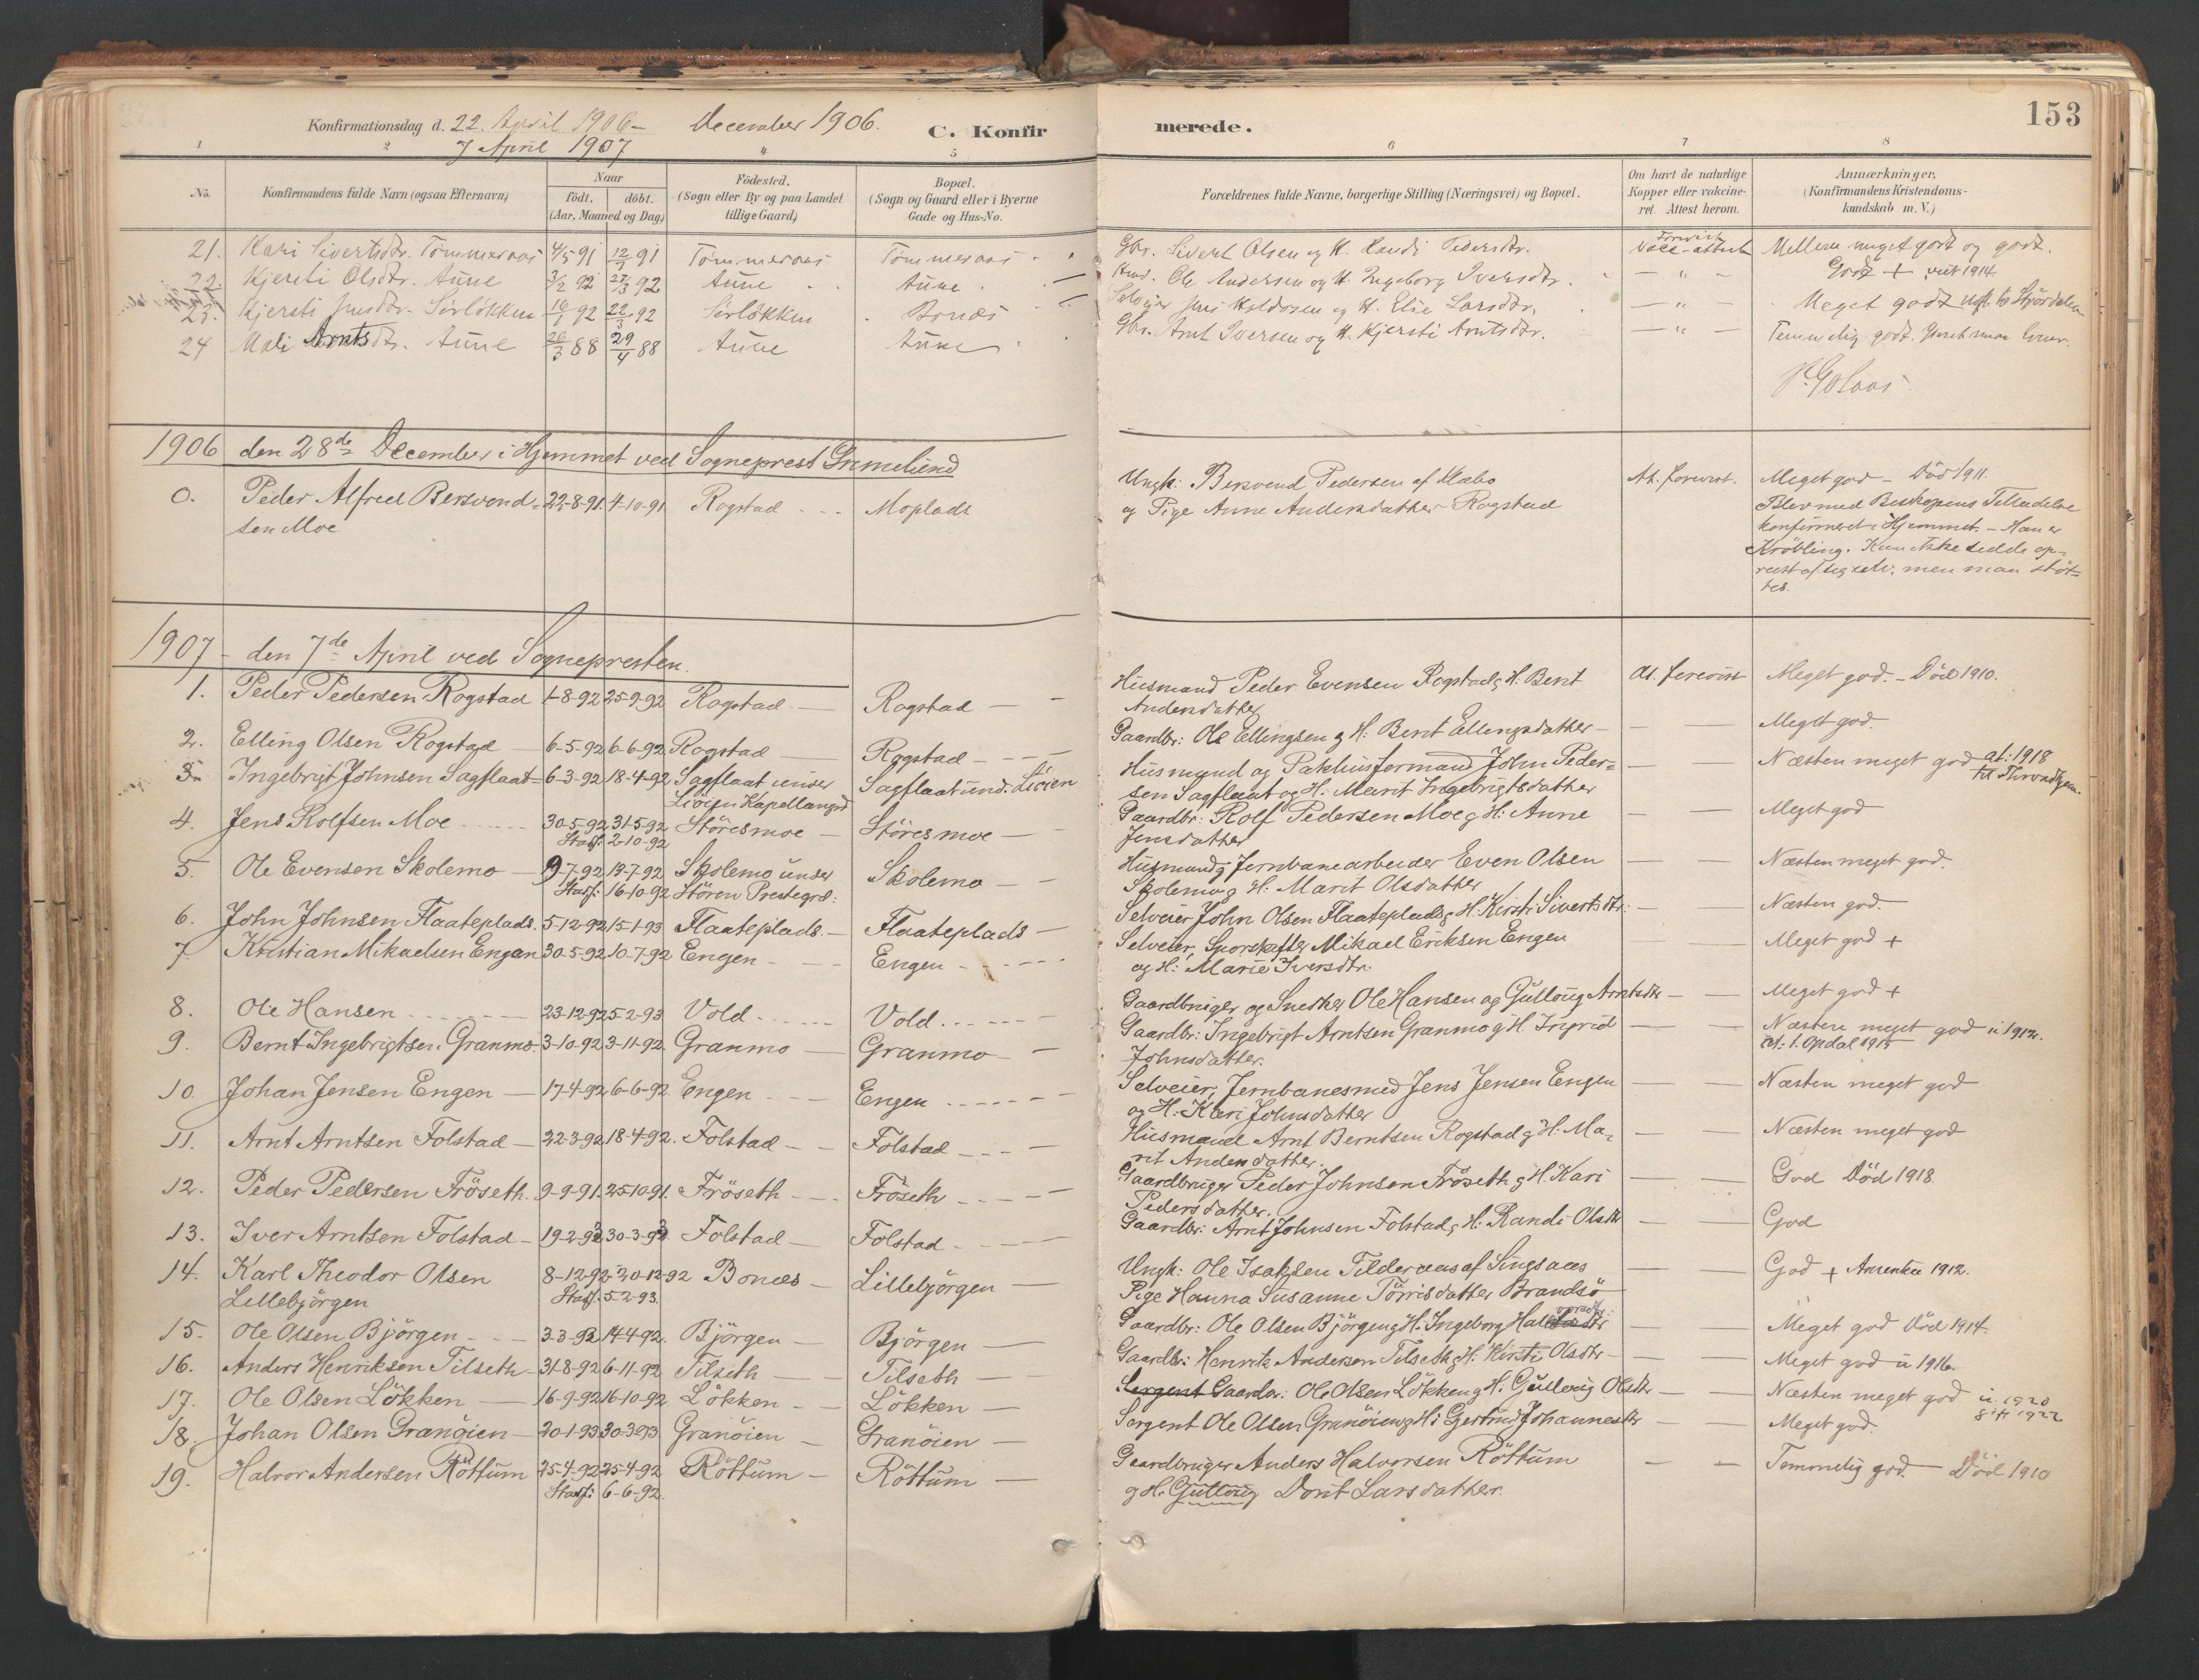 SAT, Ministerialprotokoller, klokkerbøker og fødselsregistre - Sør-Trøndelag, 687/L1004: Ministerialbok nr. 687A10, 1891-1923, s. 153